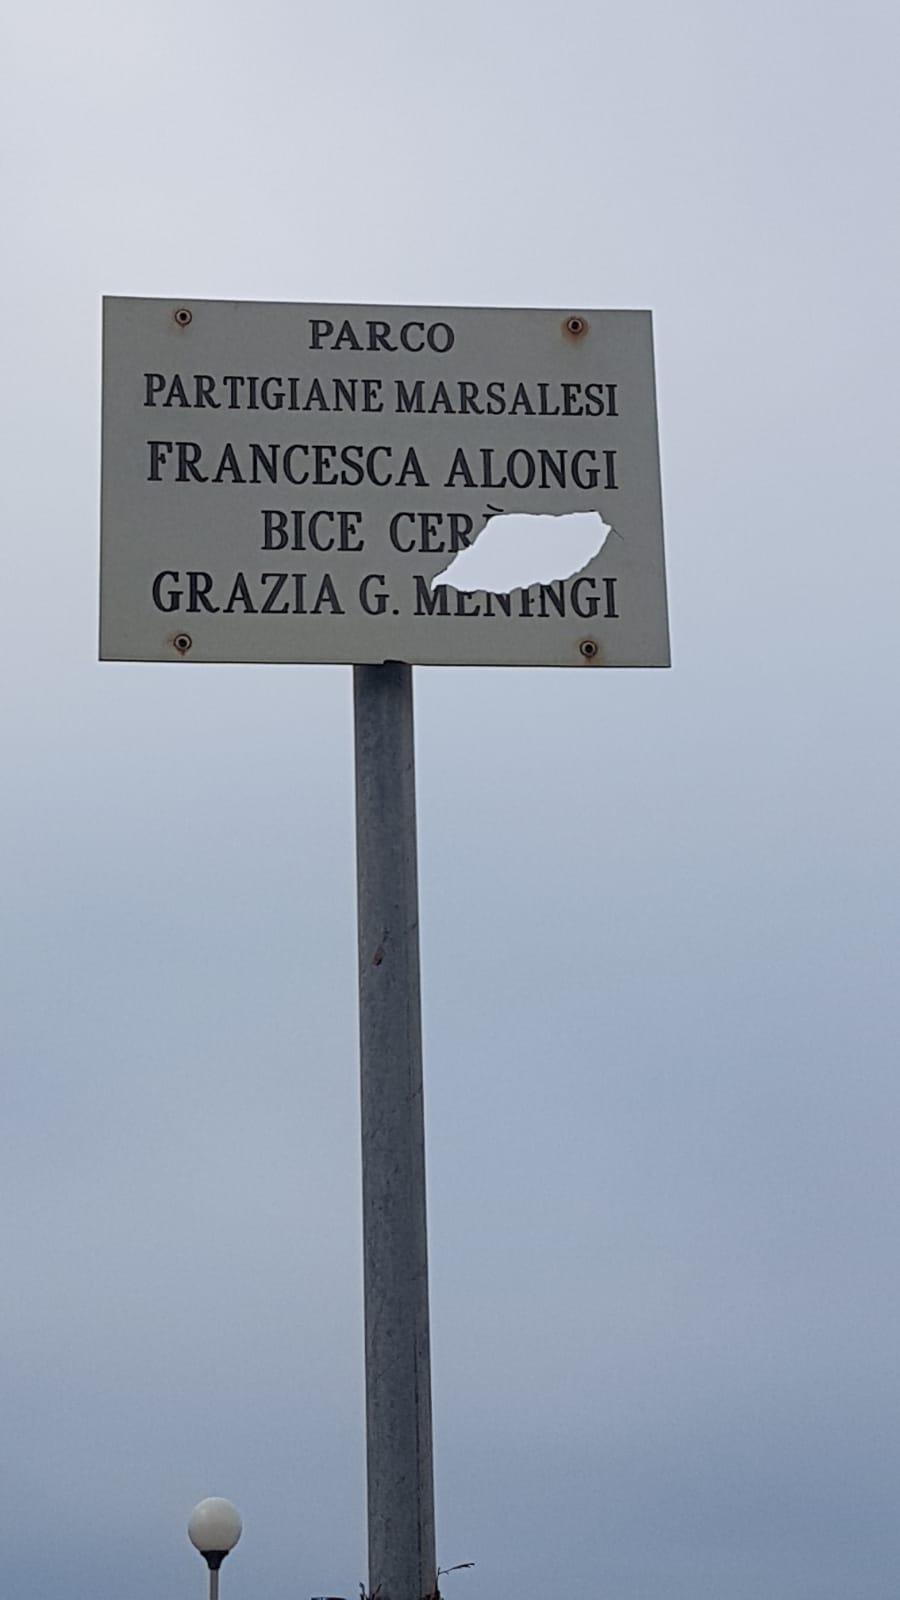 Marsala, danneggiata la targa in ricordo delle tre partigiane marsalesi